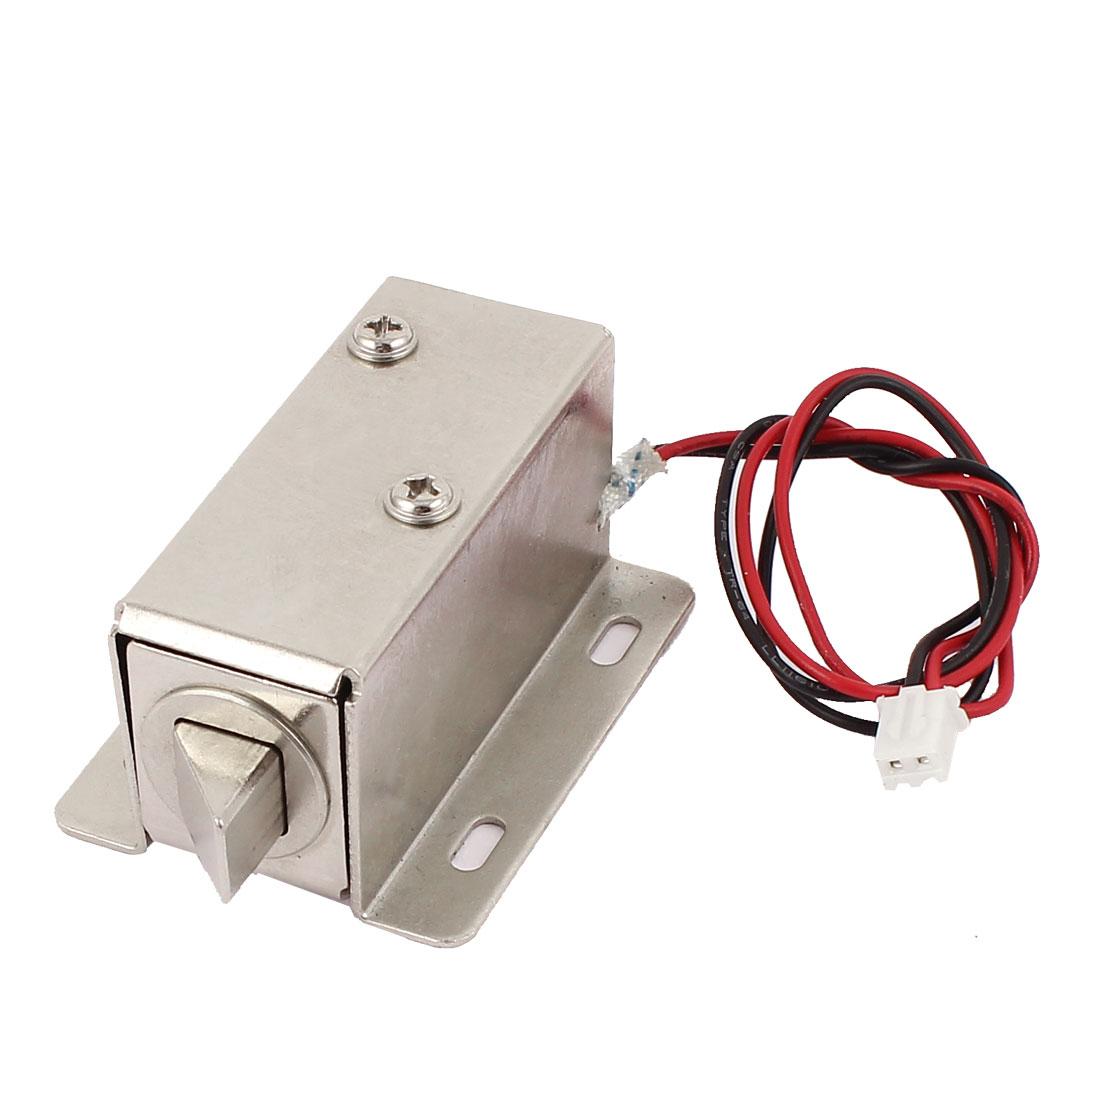 DC 12V 1.8A 15N Open Frame Type Actuator Door Lock Solenoid Silver Tone